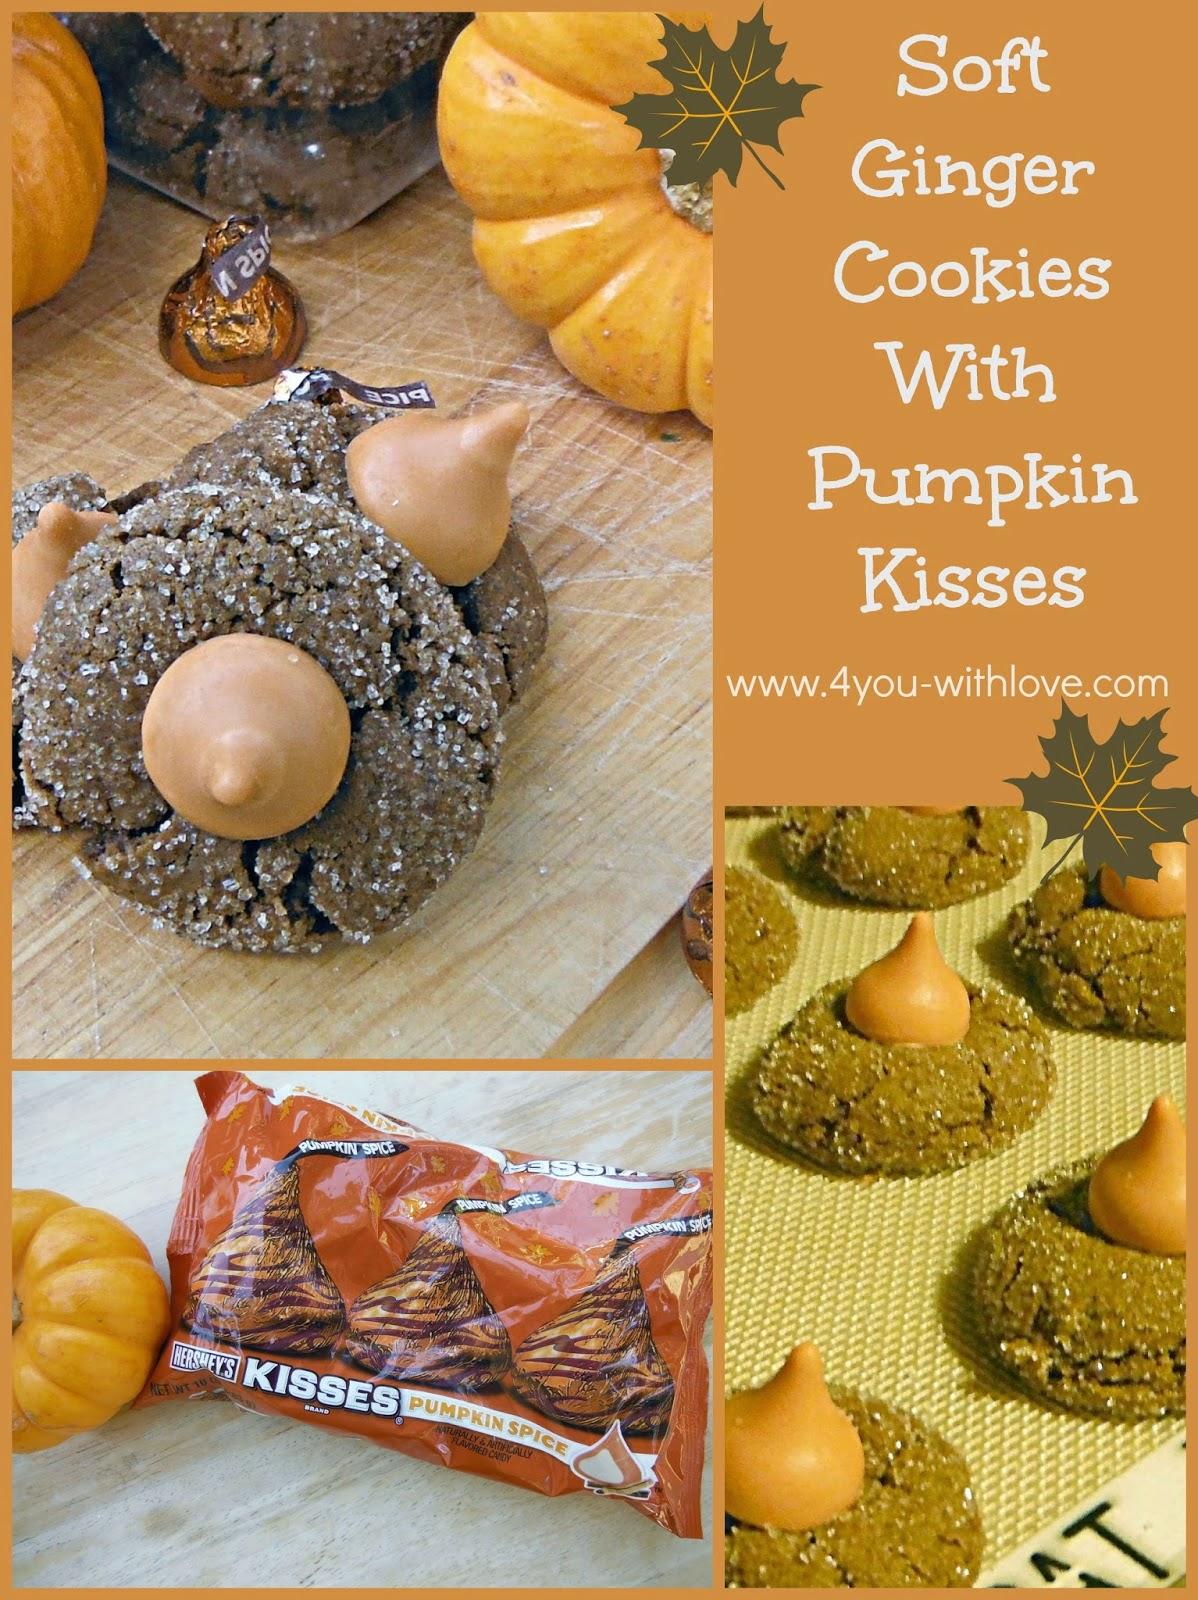 ... cookies gingerbread cookies cookies gingerbread cookies hershey kiss